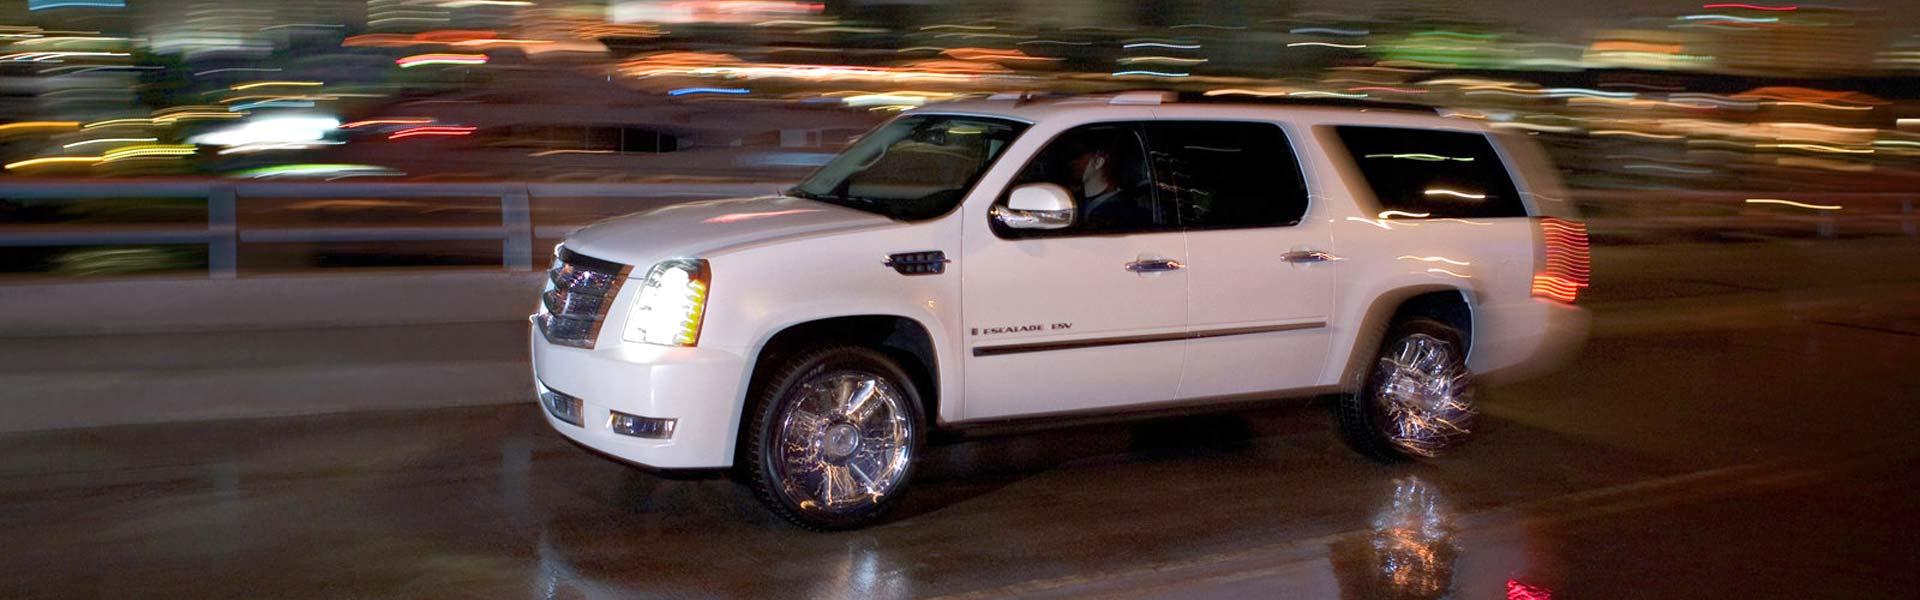 West Auto Sales >> Plus Auto Sales Car Dealer In West Park Fl